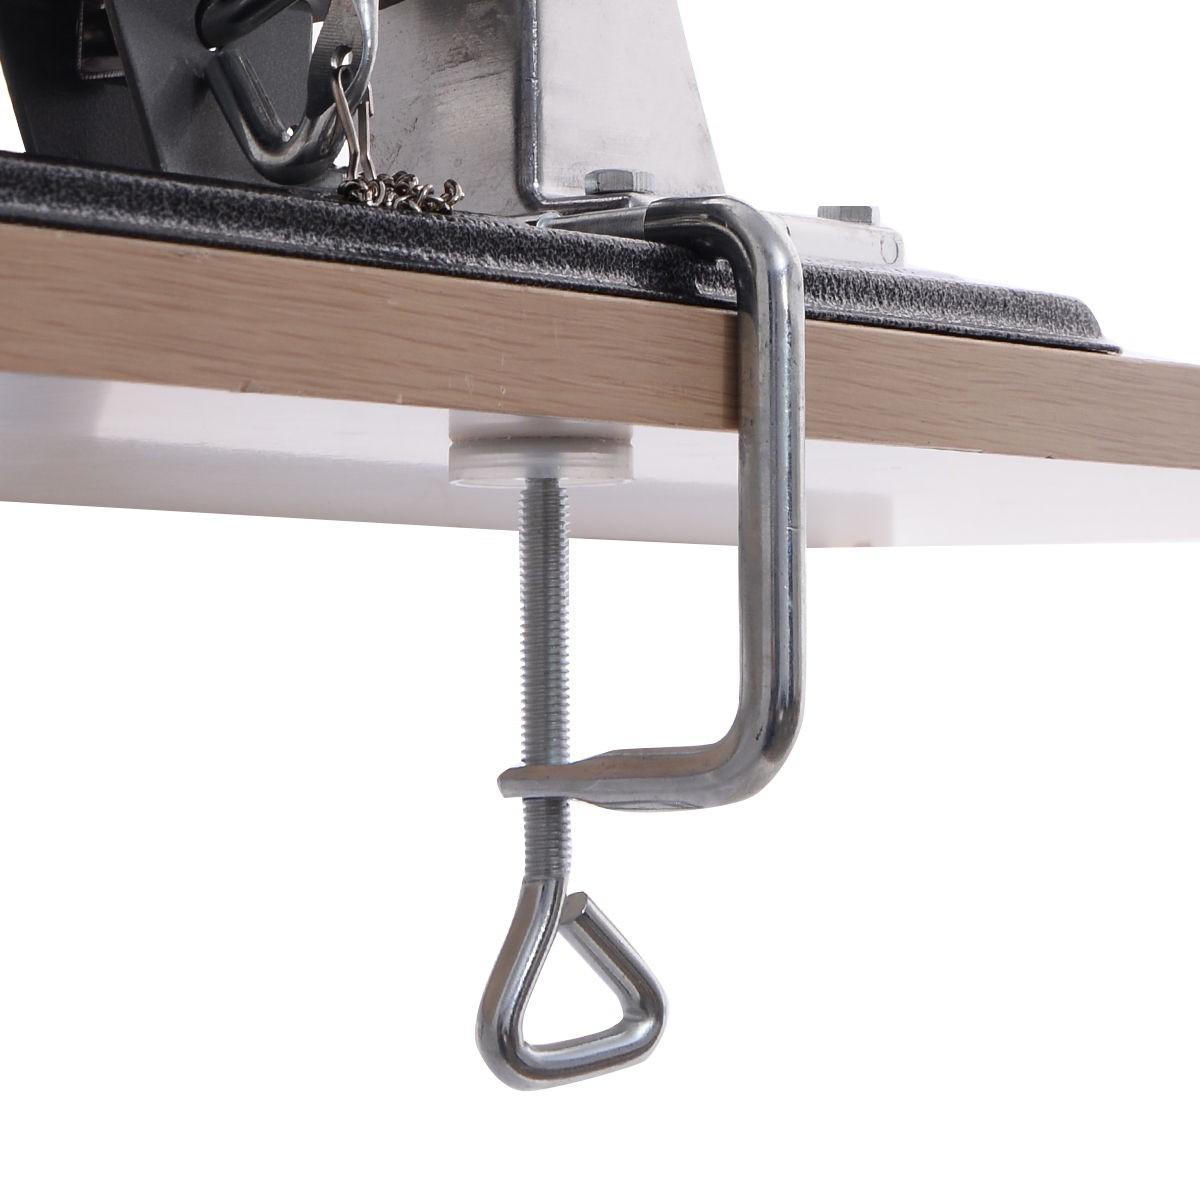 máy đùn xúc xích, lạp xưởng ngày tết - Inox 304 - 3L 3